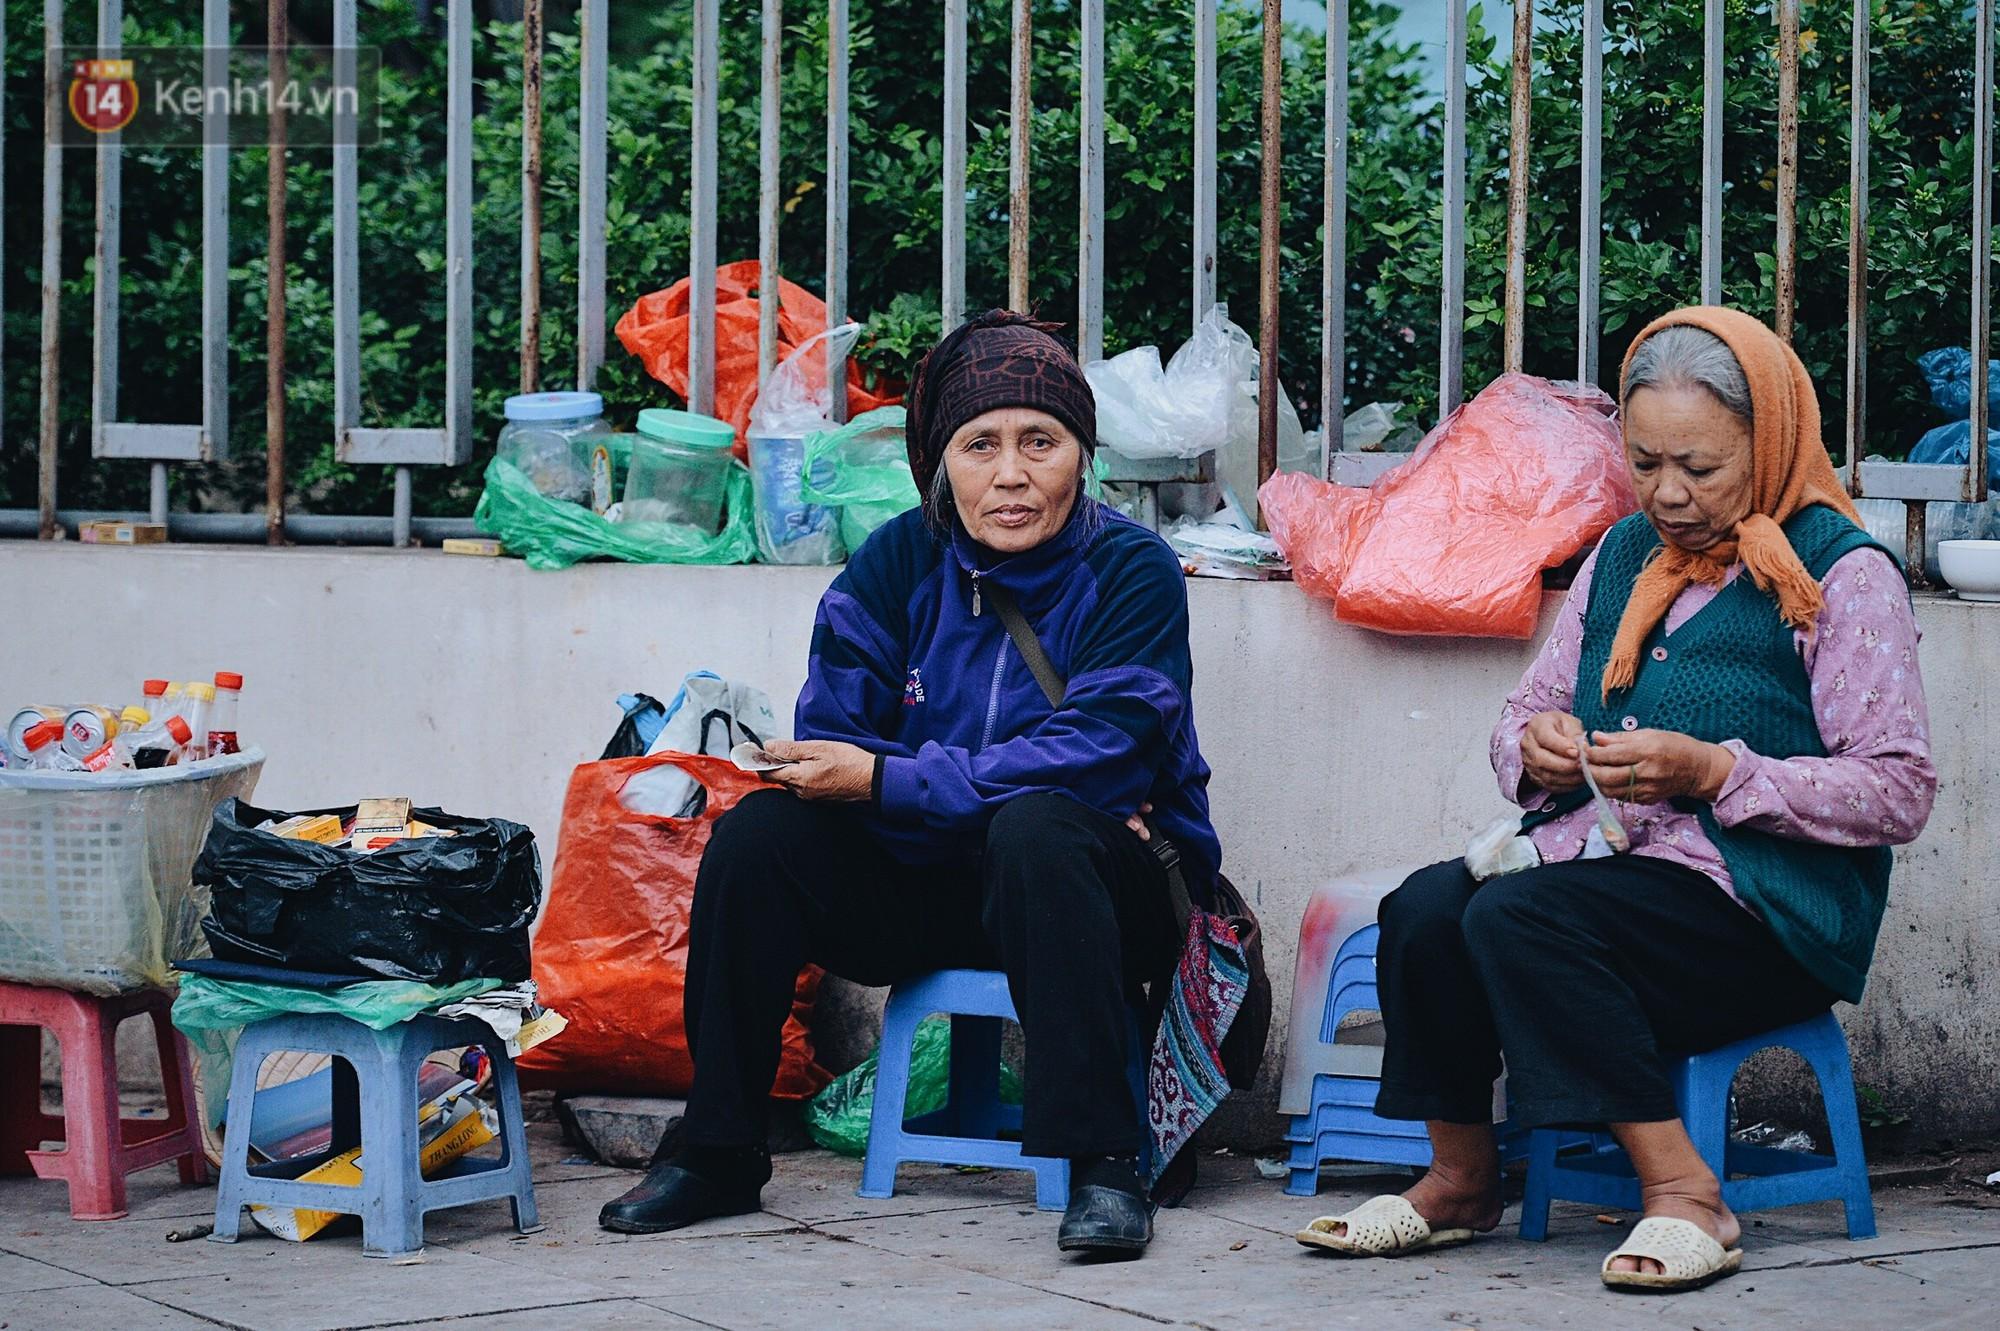 Ngày mùa đông chính thức chạm ngõ miền Bắc, người dân Hà Nội mặc áo ấm xuống phố - Ảnh 6.